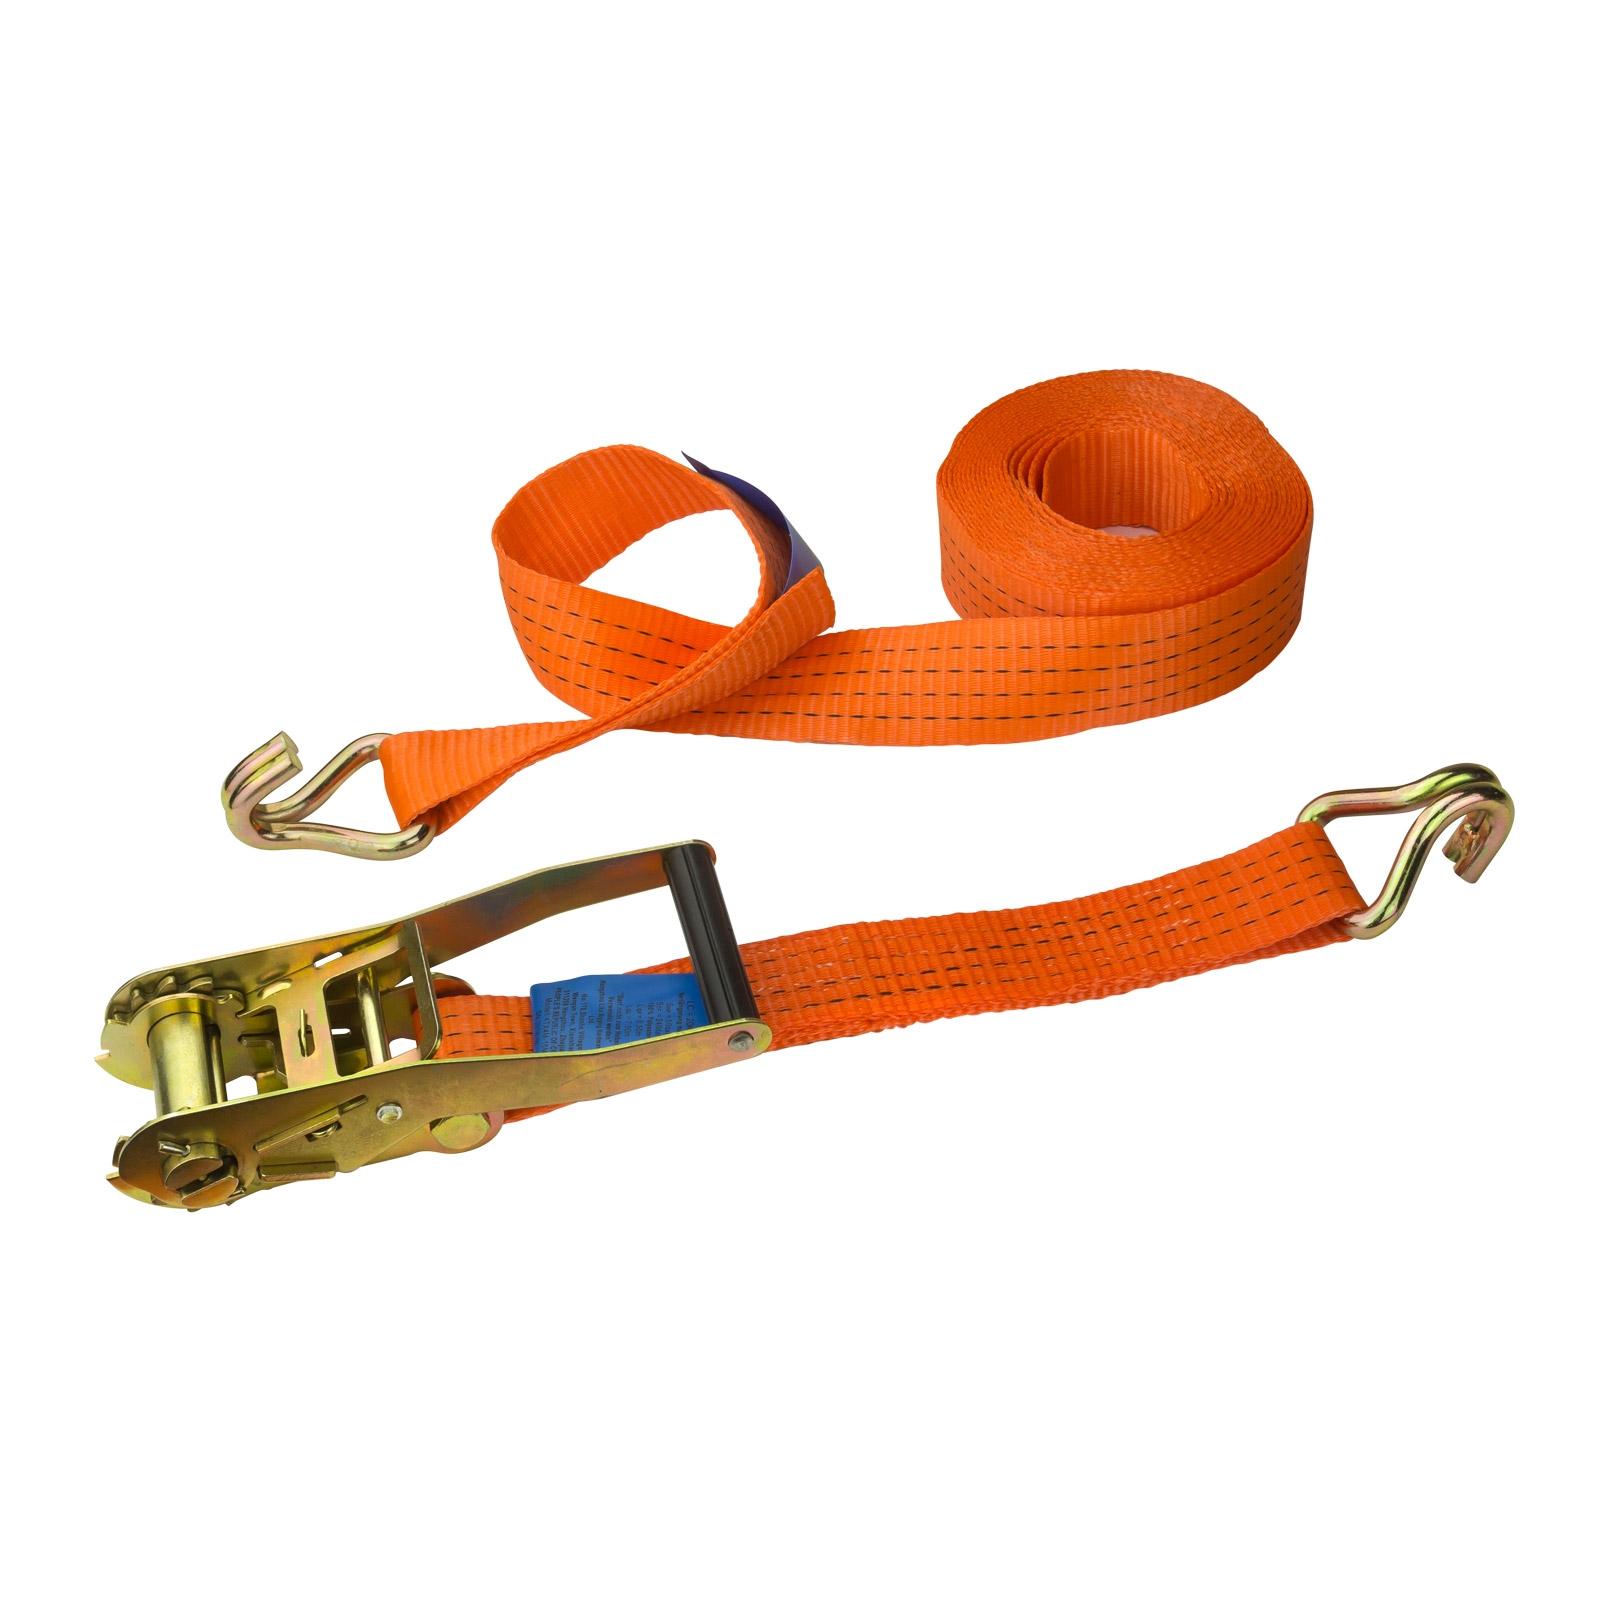 Dema PKW Anhänger Zurrgurt Spanngurt orange 8m x 50mm 4t 22675